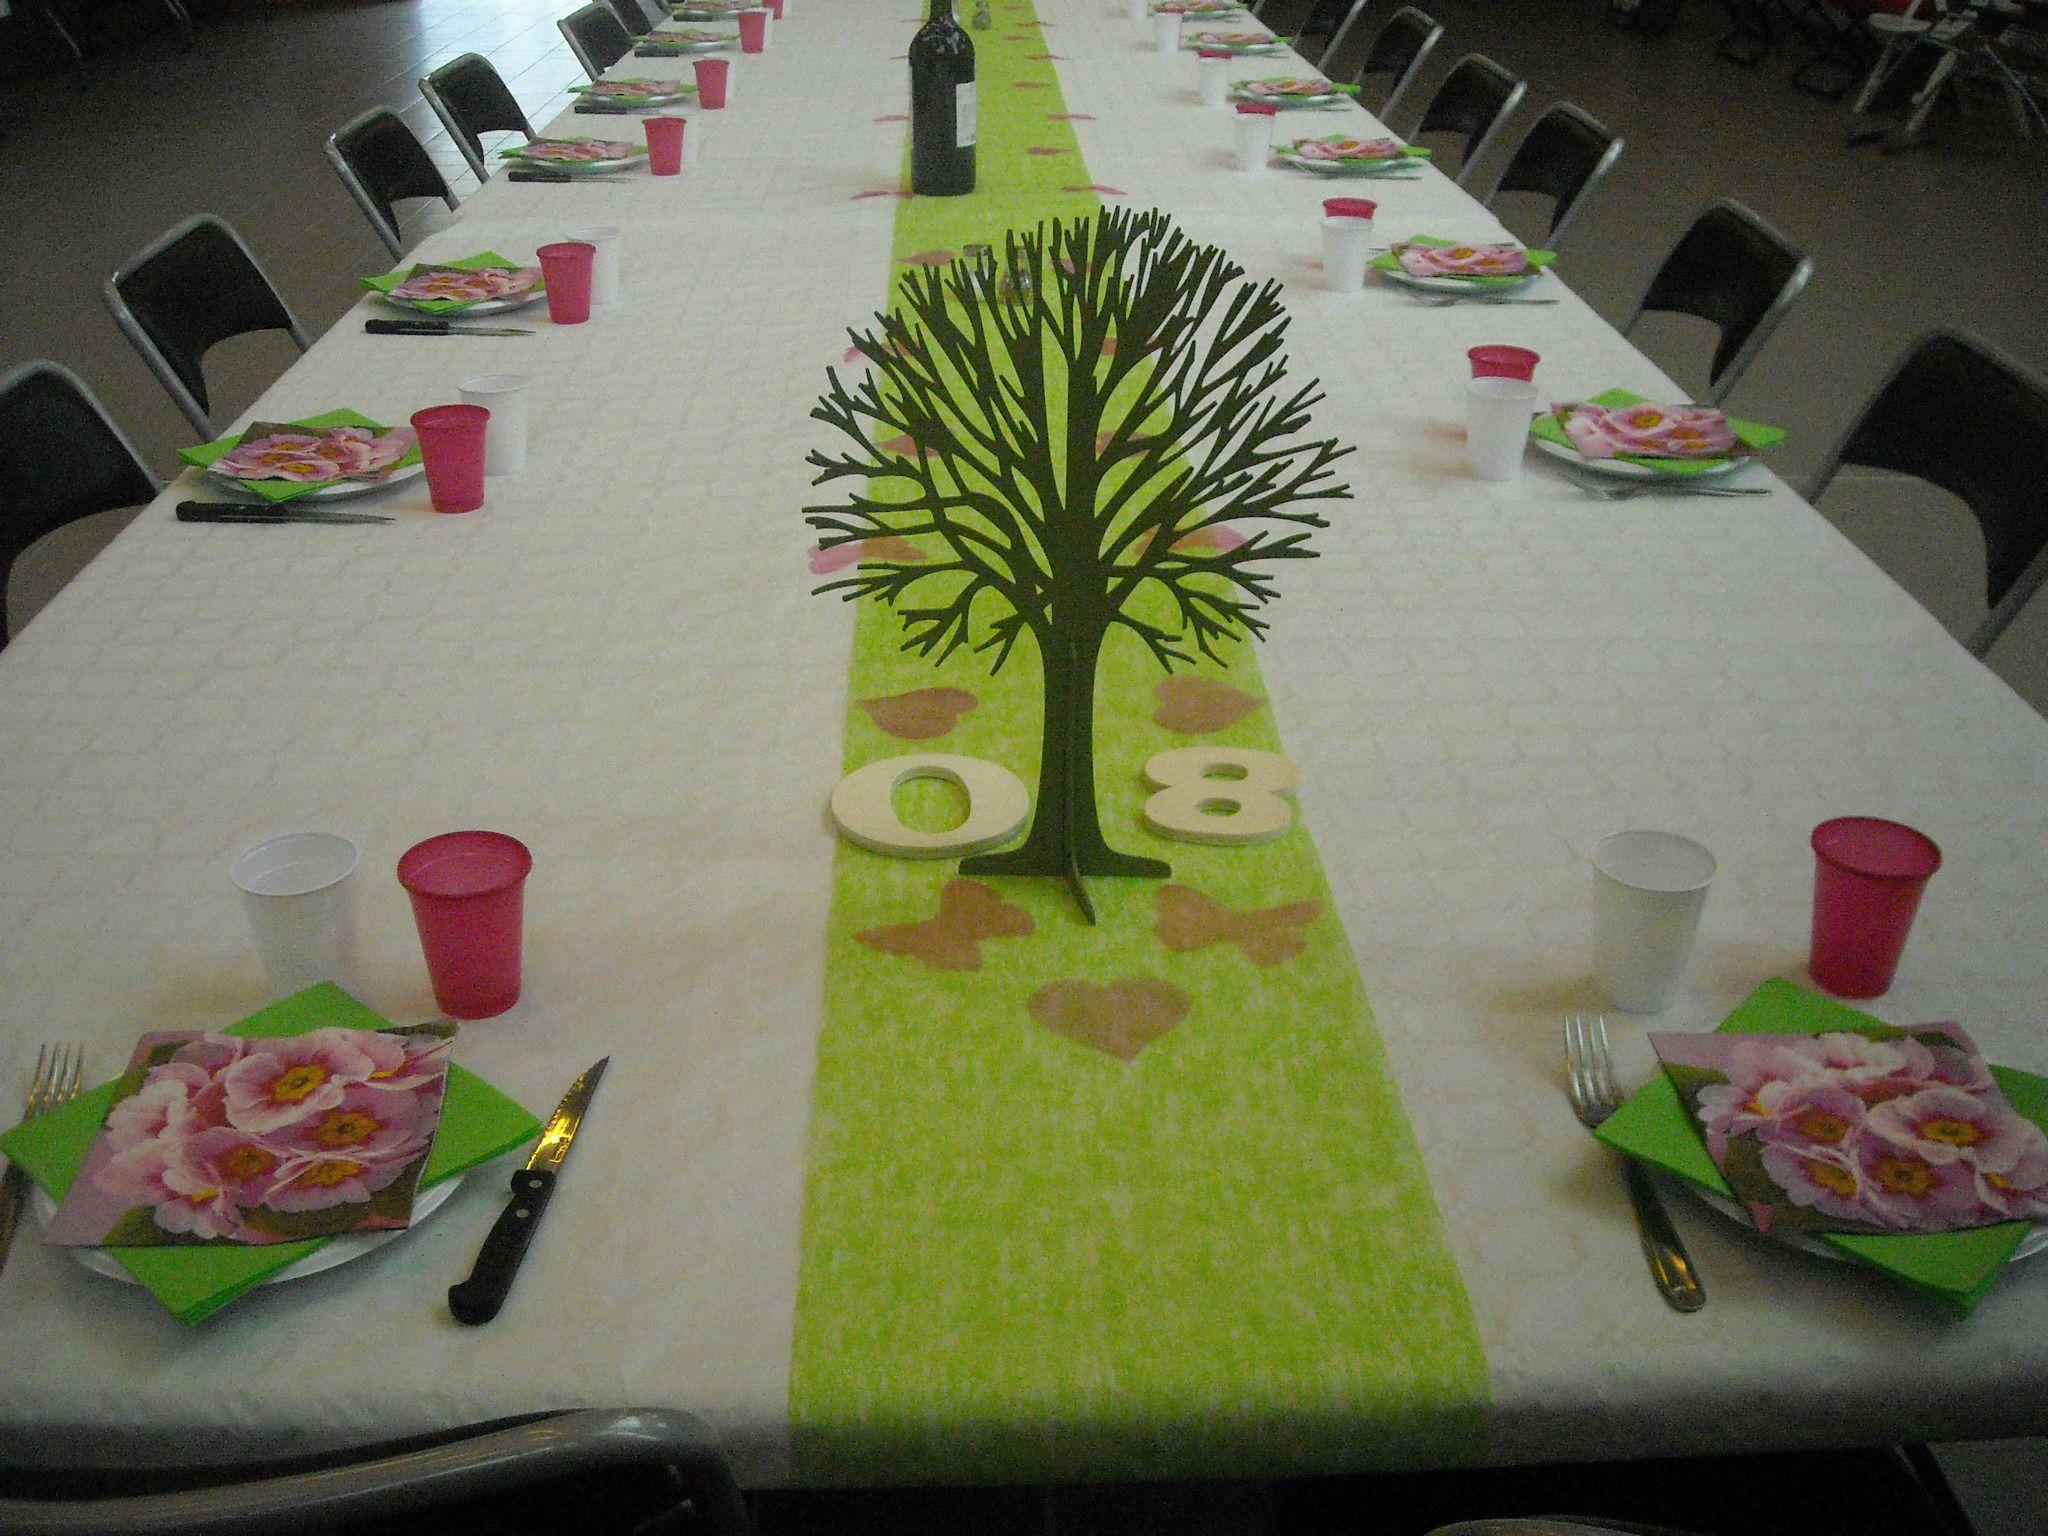 Les 80 ans de maman instants magiques - Anniversaire decoration table ...